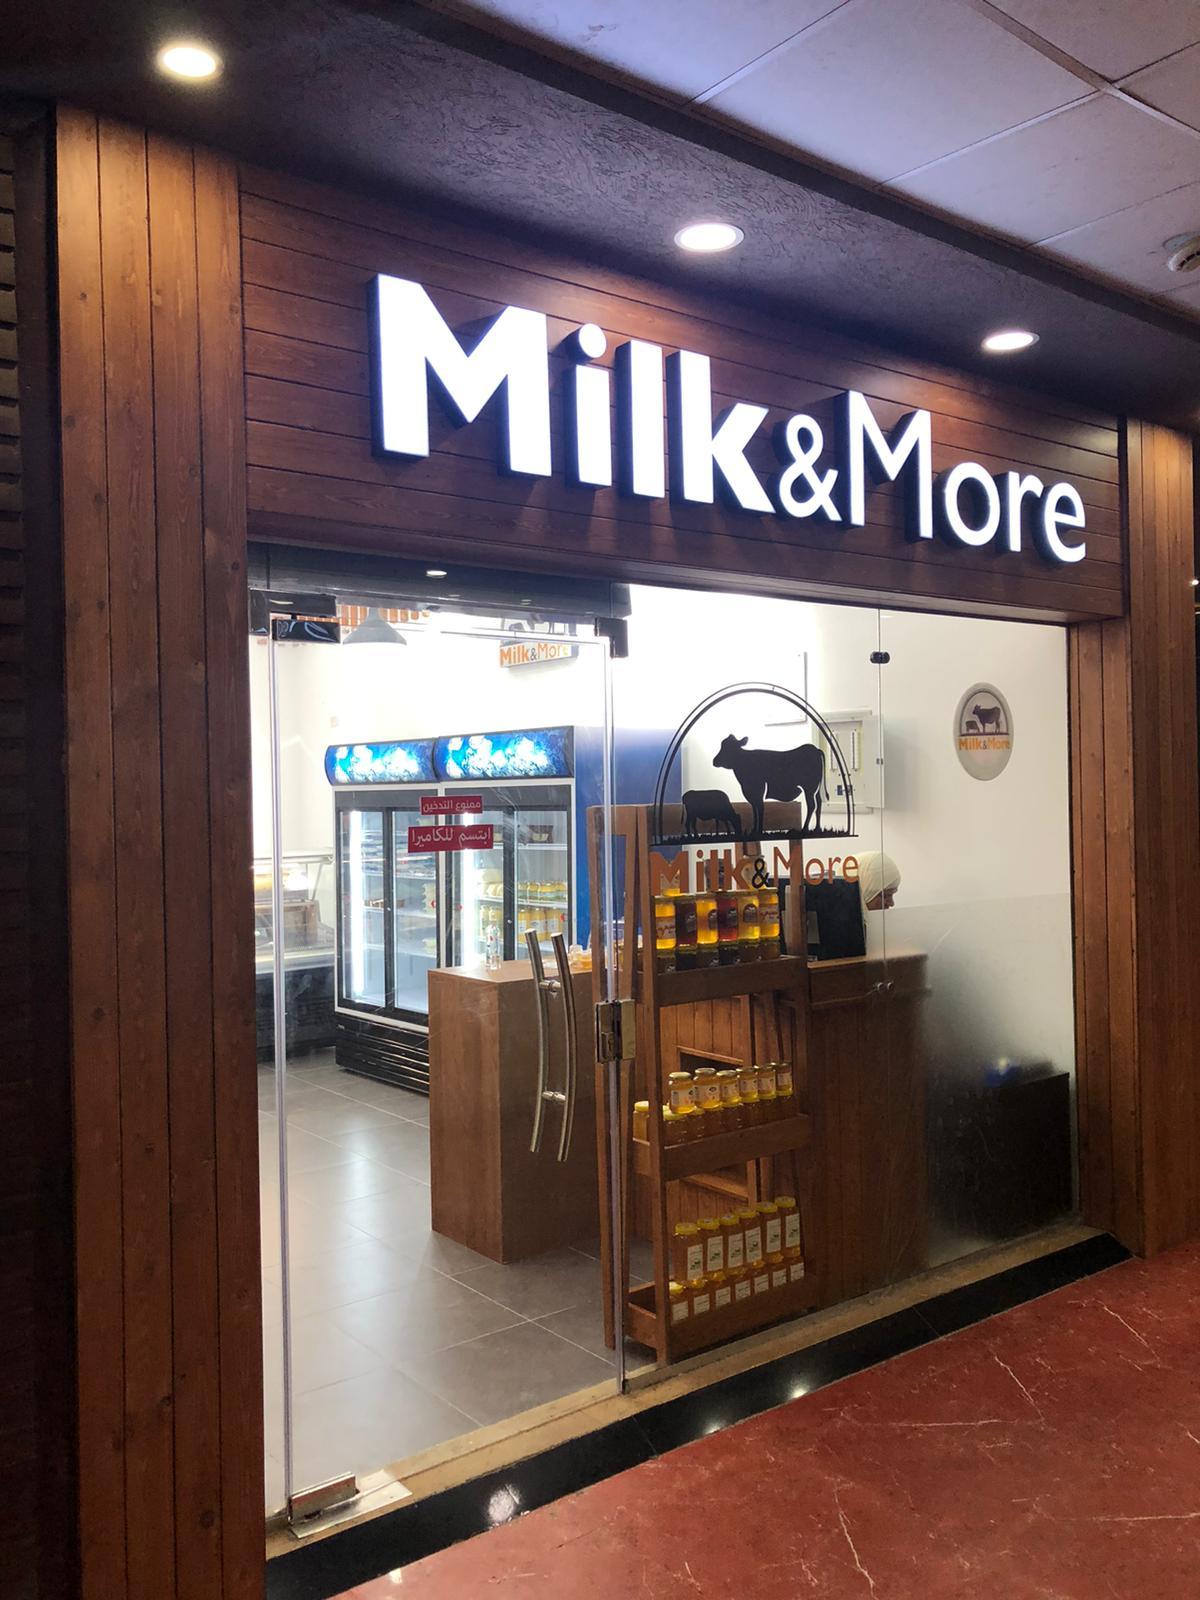 ميلك مور - Milk More